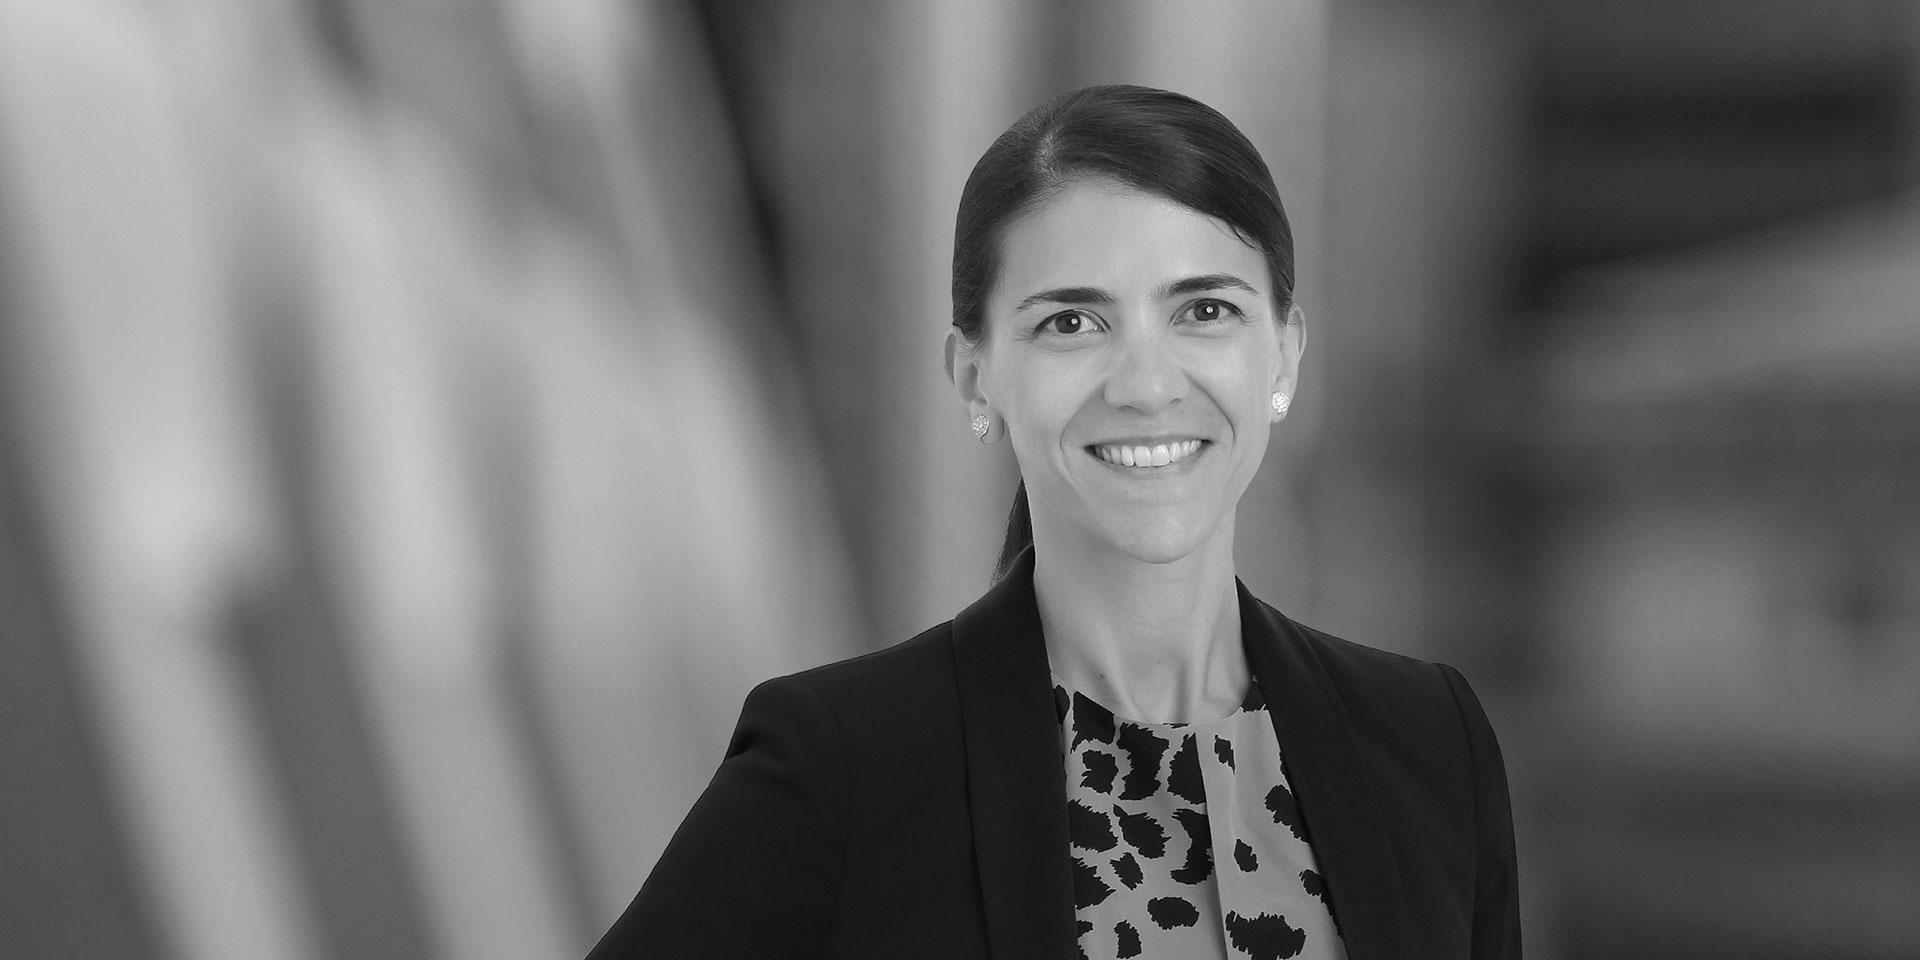 Silvia Marchili